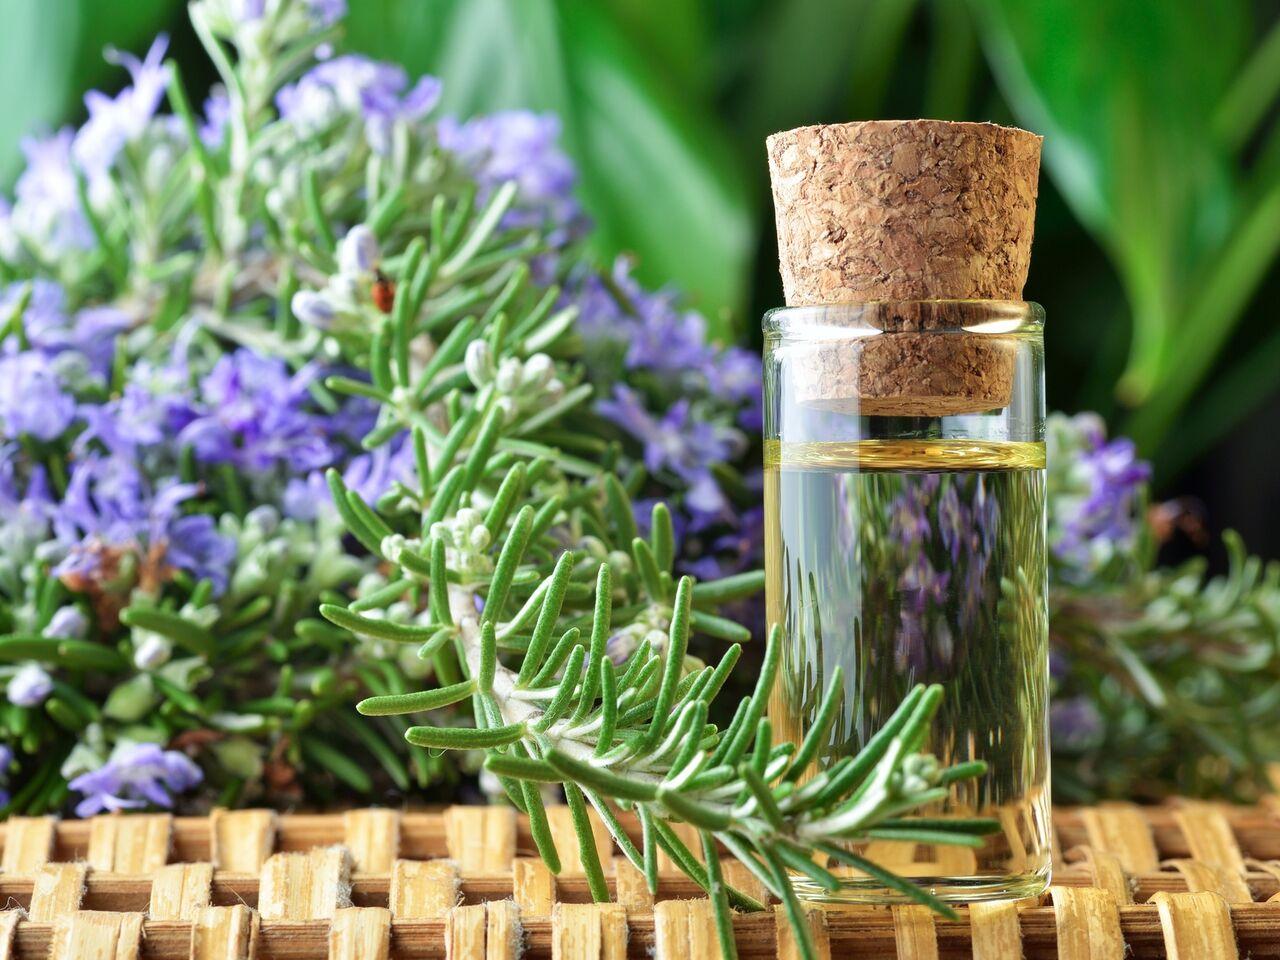 Ученые: Запах розмарина улучшает человеческую память